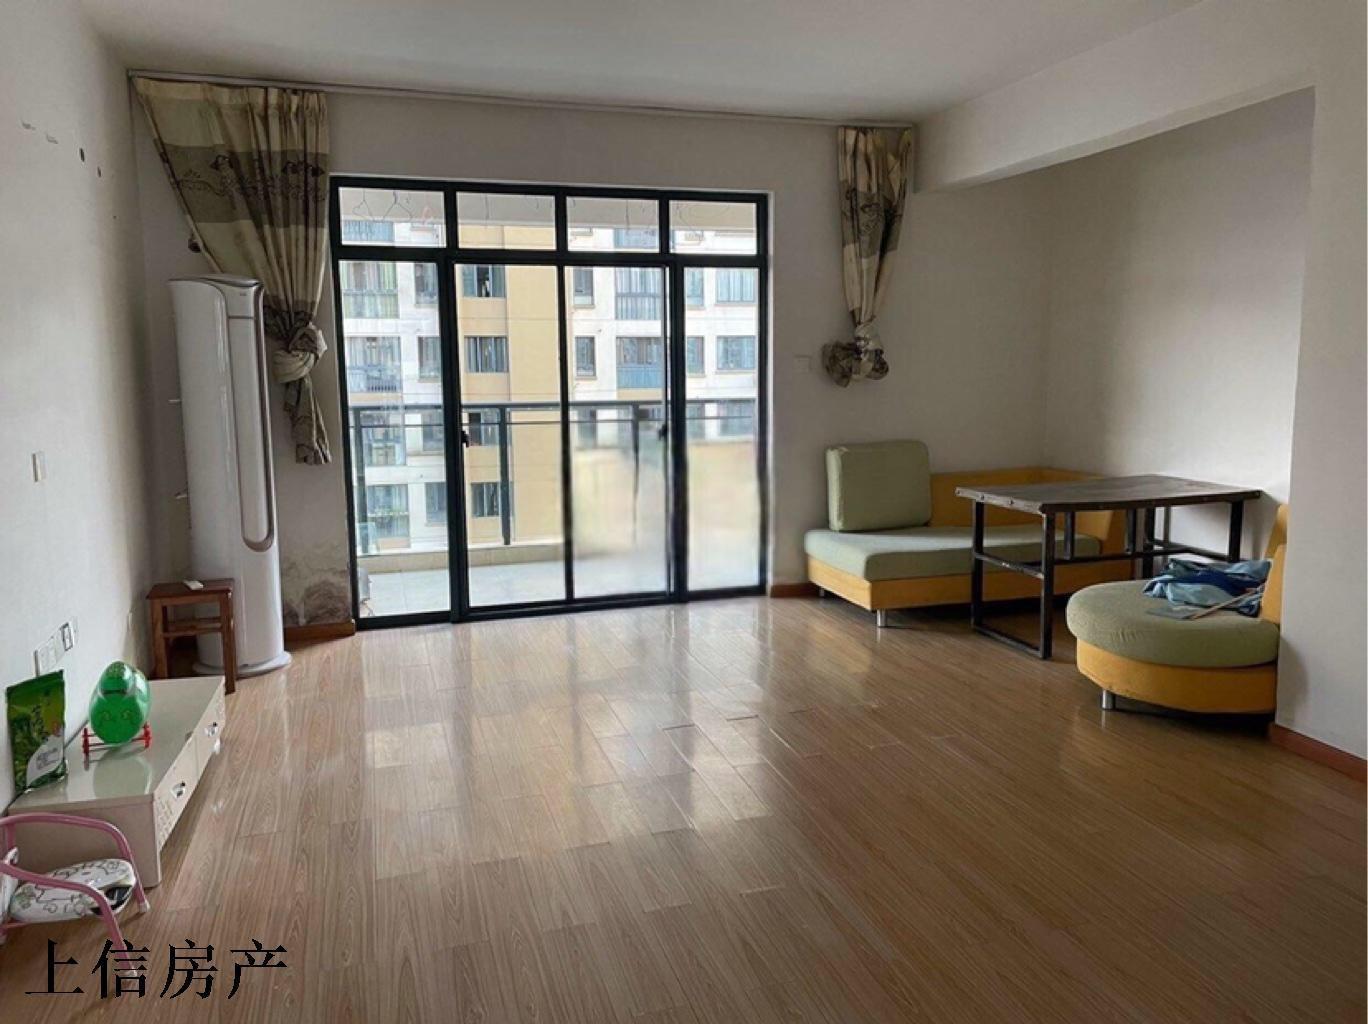 出租长宏 御泉湾3室8厅1卫110平米1700元/月住宅